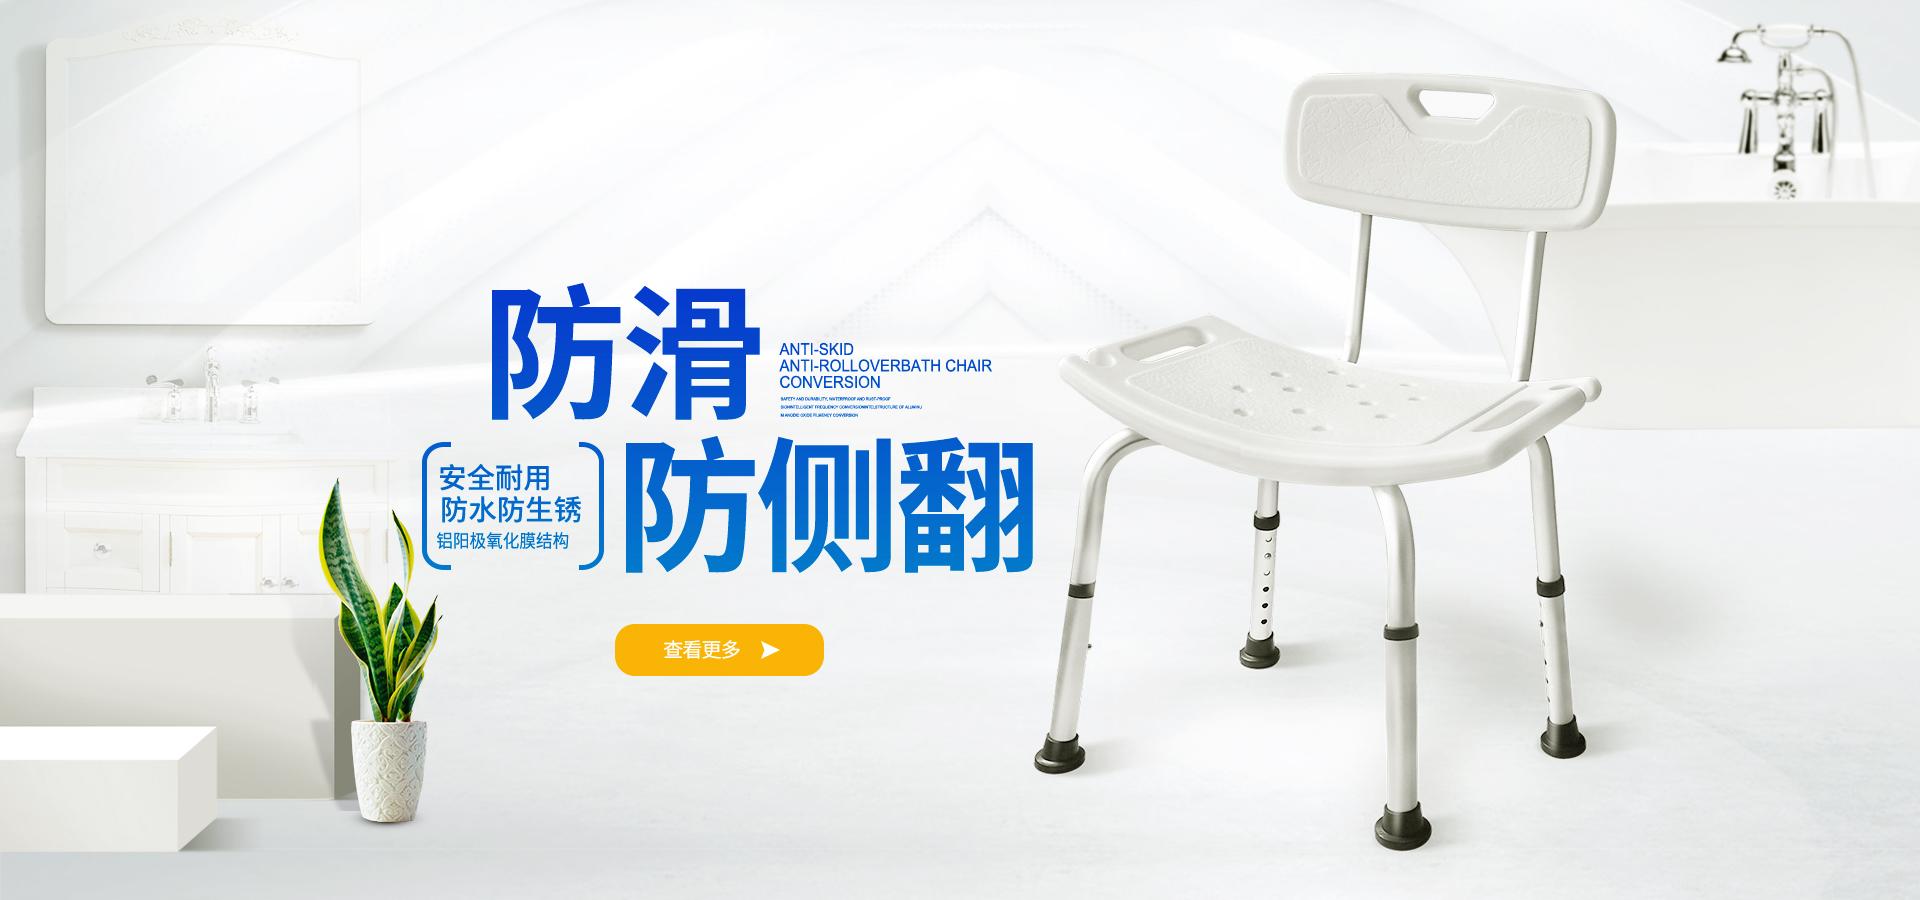 Z1802A老人用品淋浴椅带靠背 安全老年人用品洗澡辅助